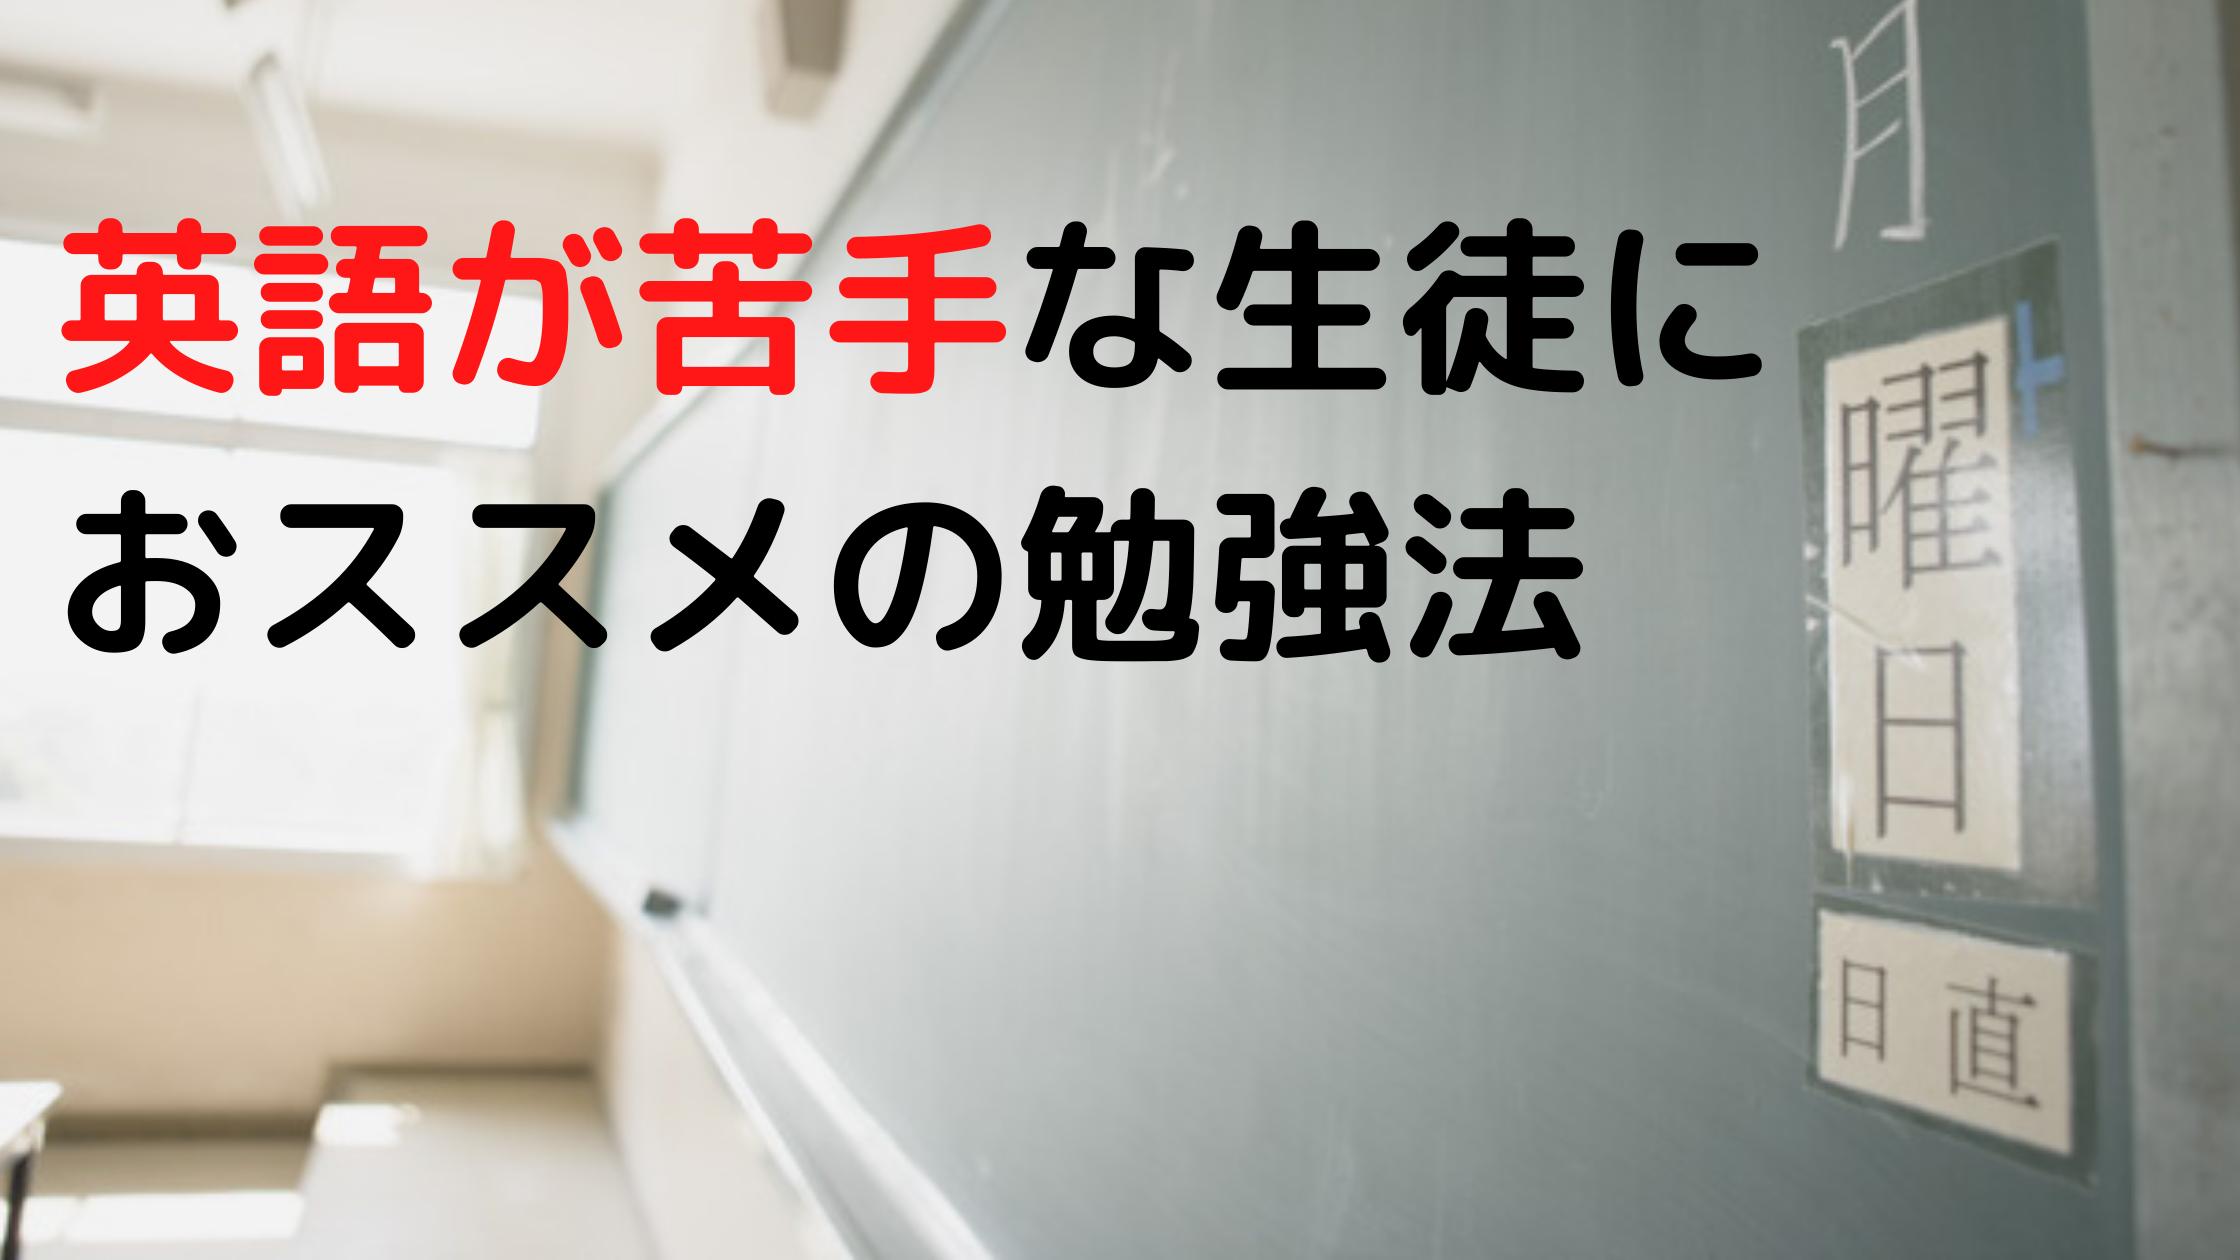 英語が苦手な生徒におススメの勉強法